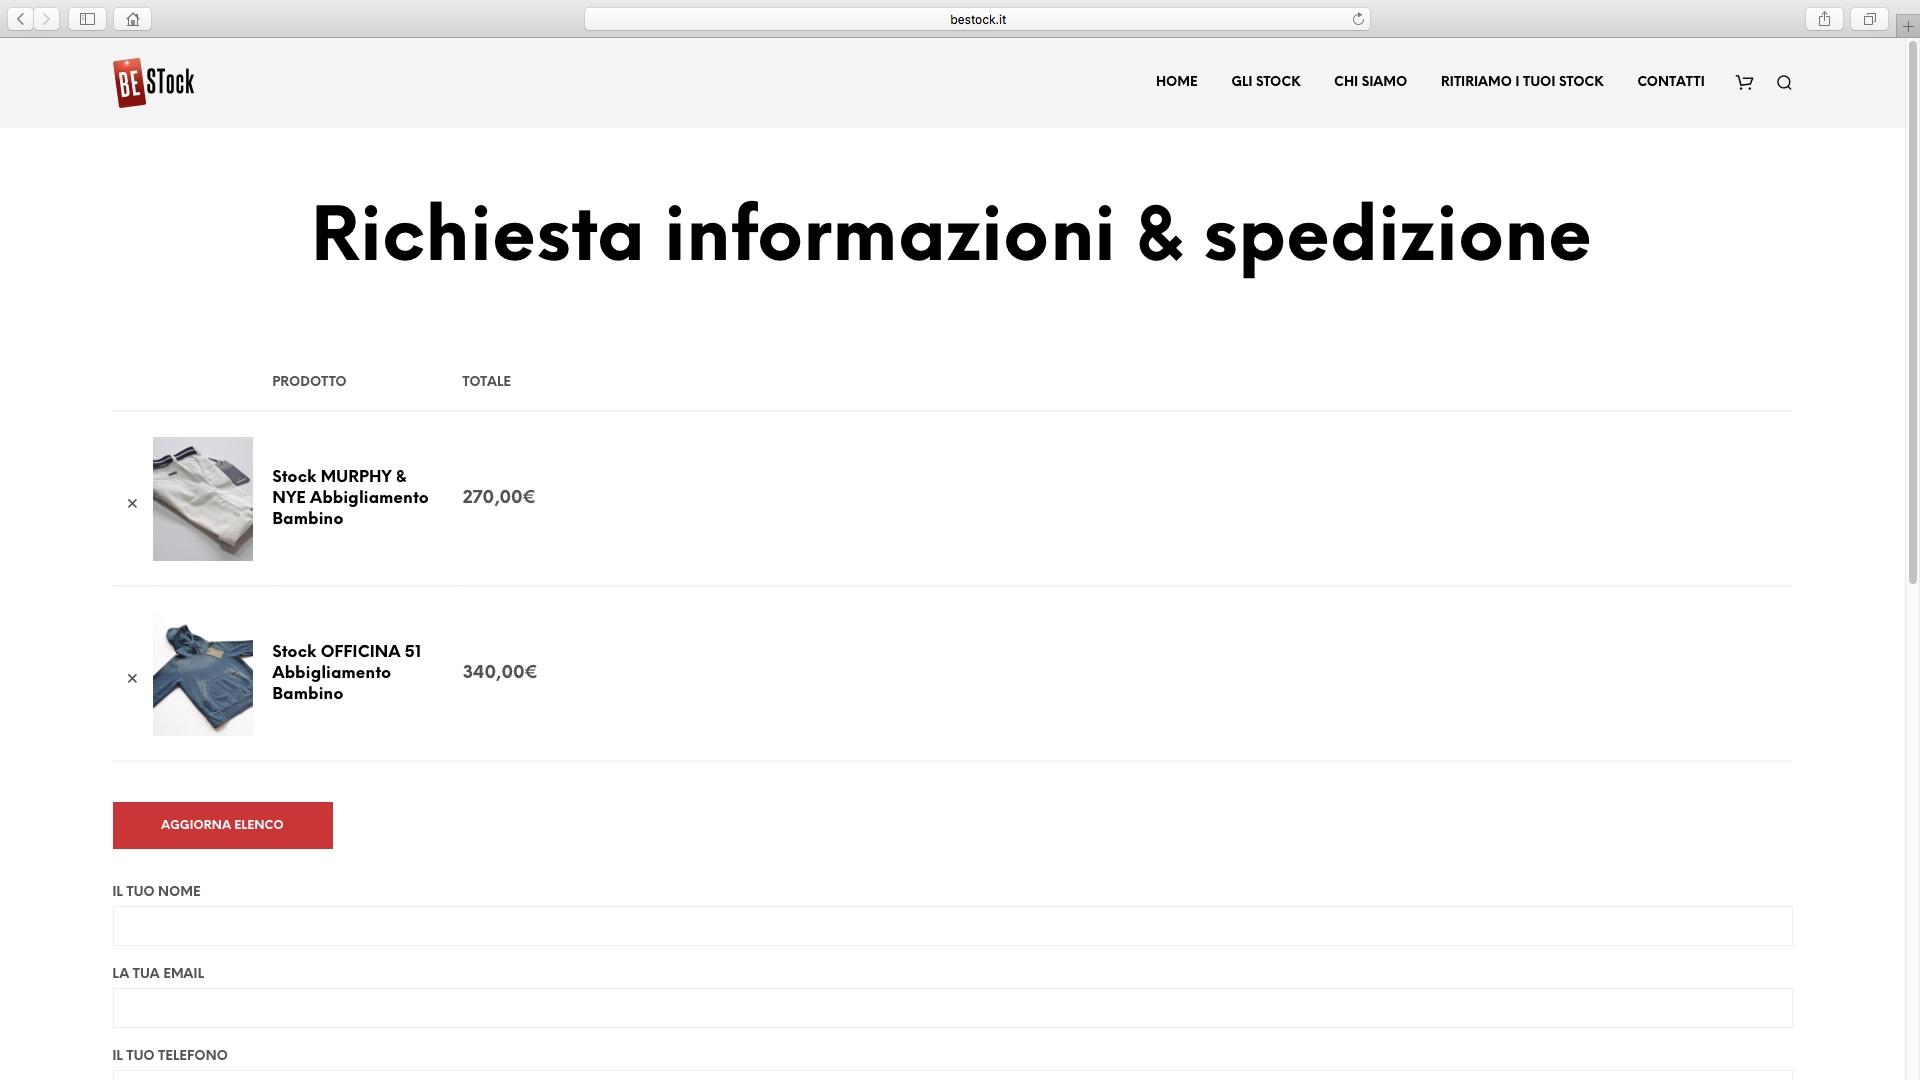 sito-web-brescia-catalogo-online-negozio-ecommerce-08